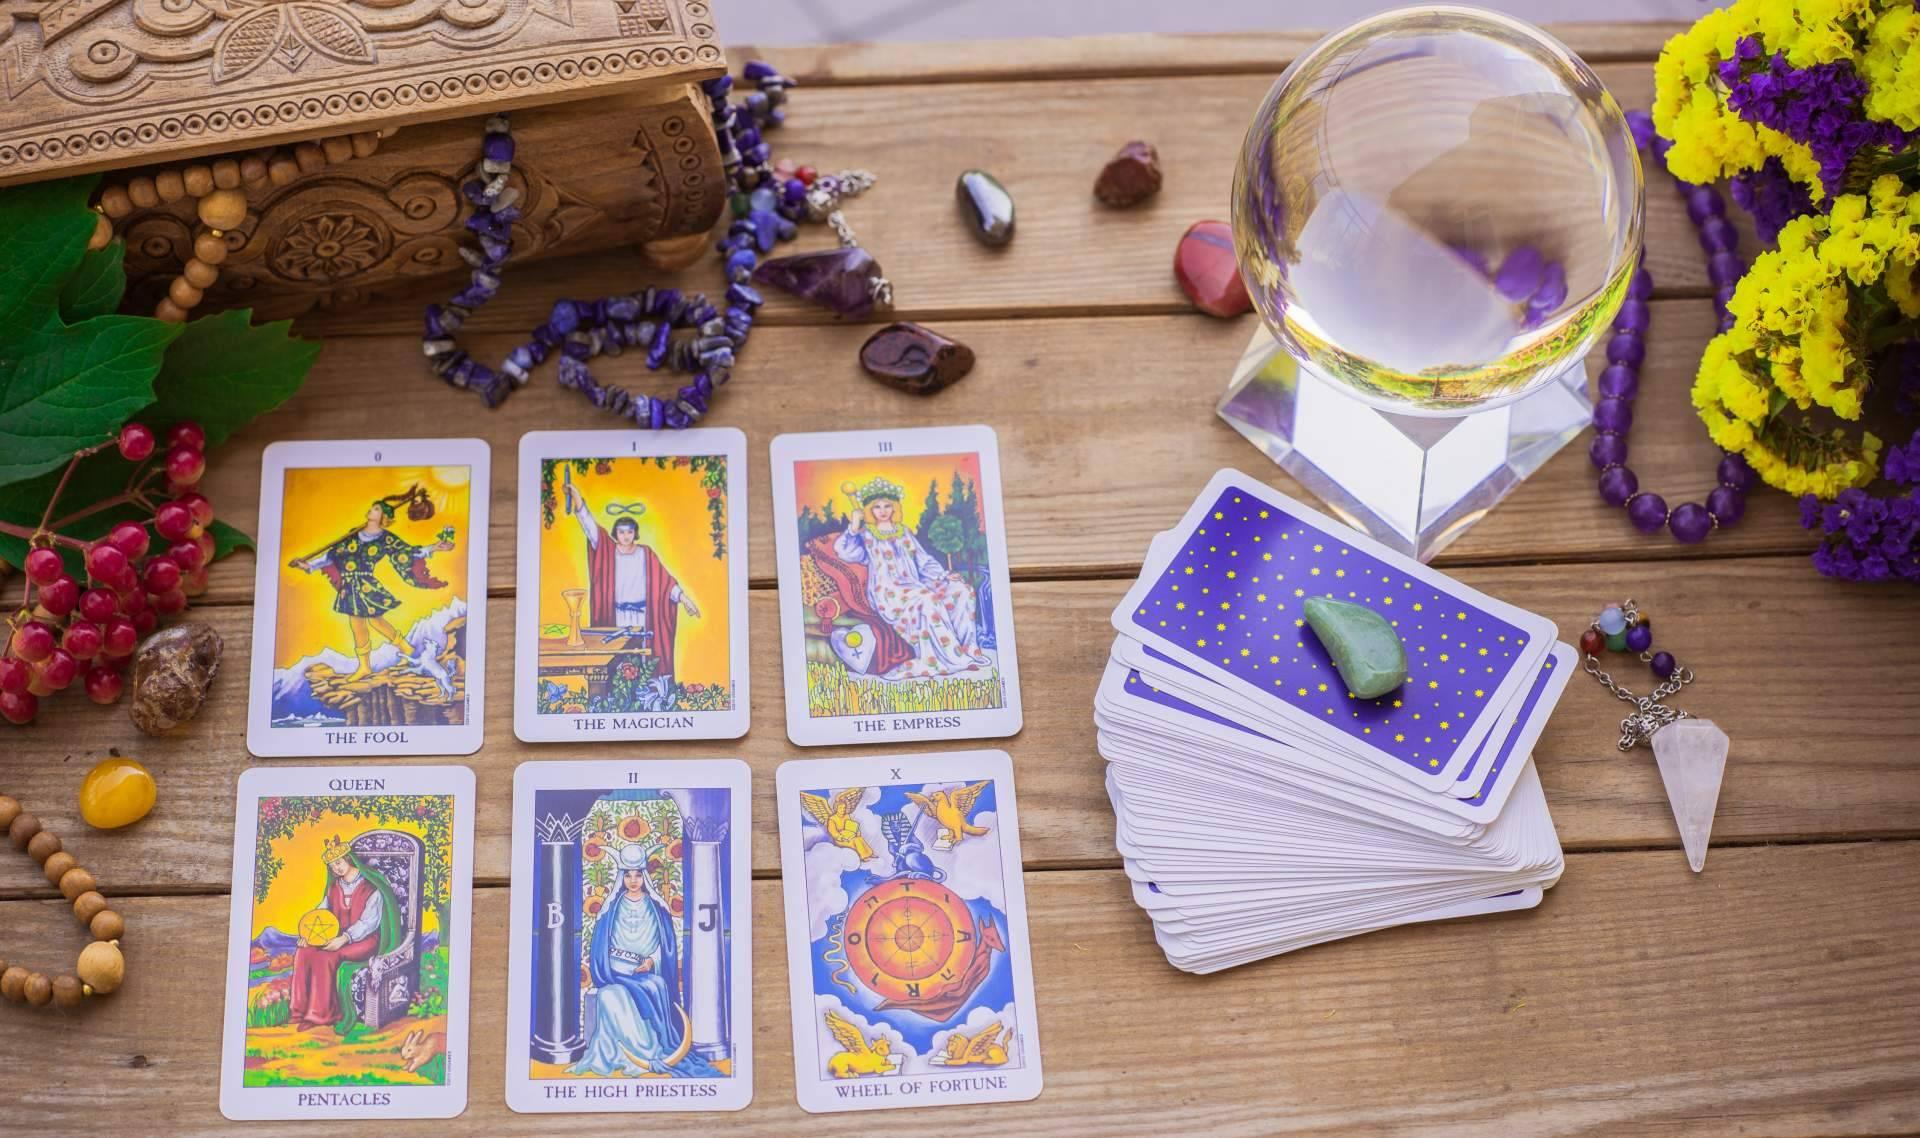 Rosa Sastre realiza la lectura del tarot para encontrar respuestas sinceras